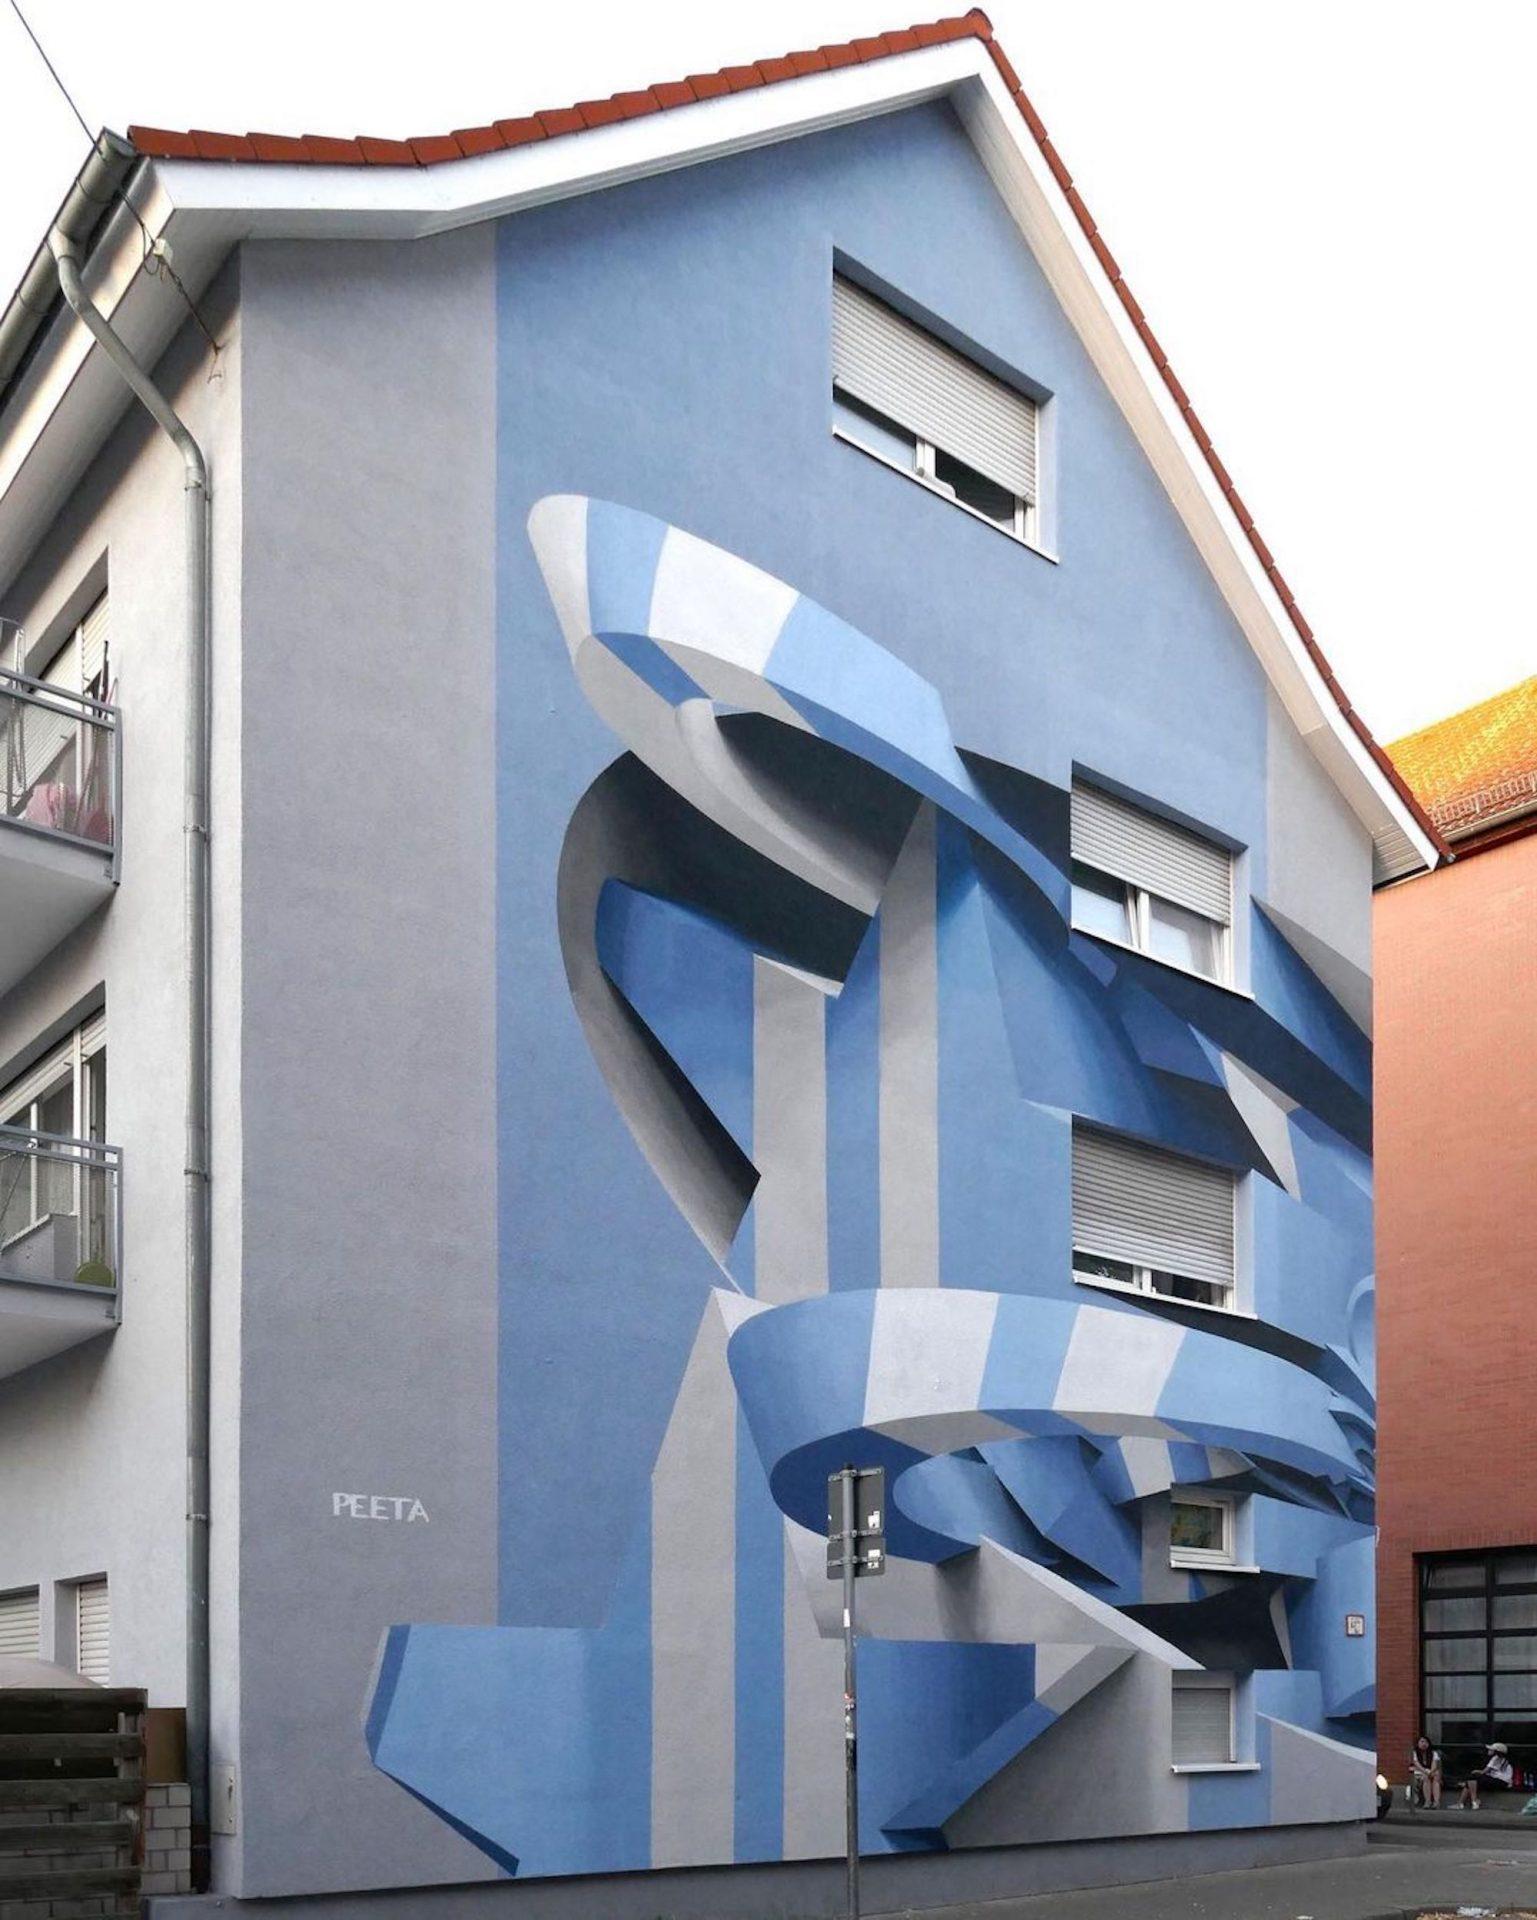 L'artiste Peeta transforme la ville avec ses incroyables illusions d'optique 3D